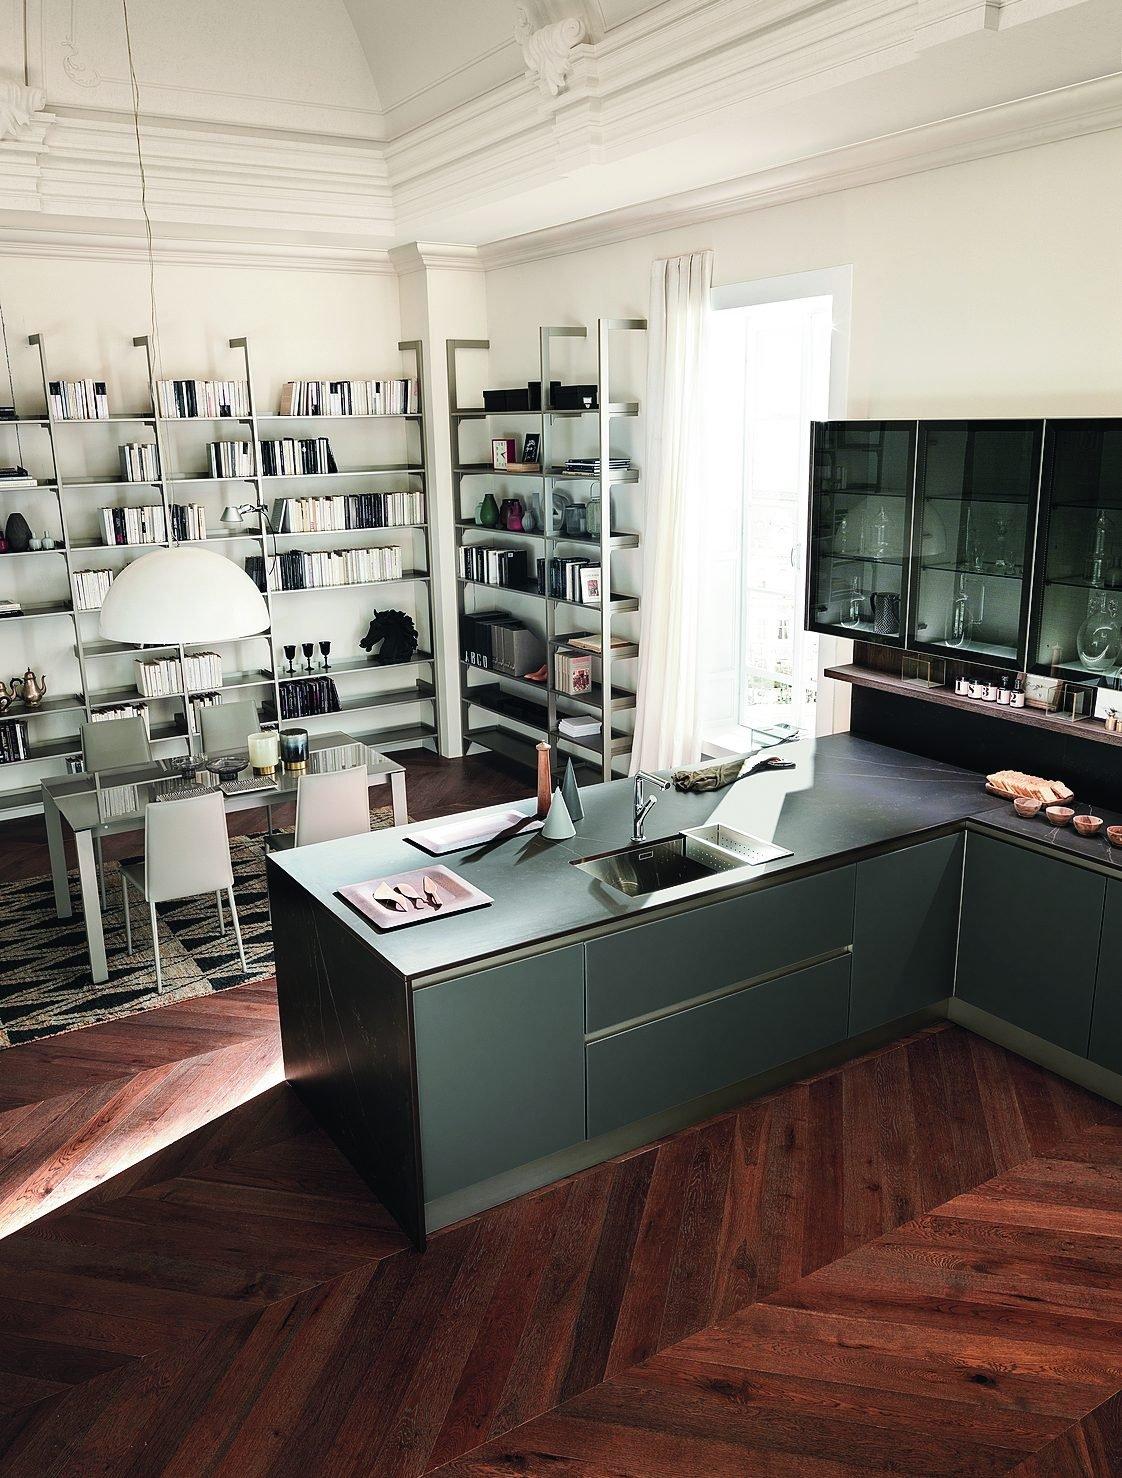 Top della cucina quale materiale scegliere per il piano di lavoro cose di casa - Piano cucina in dekton ...